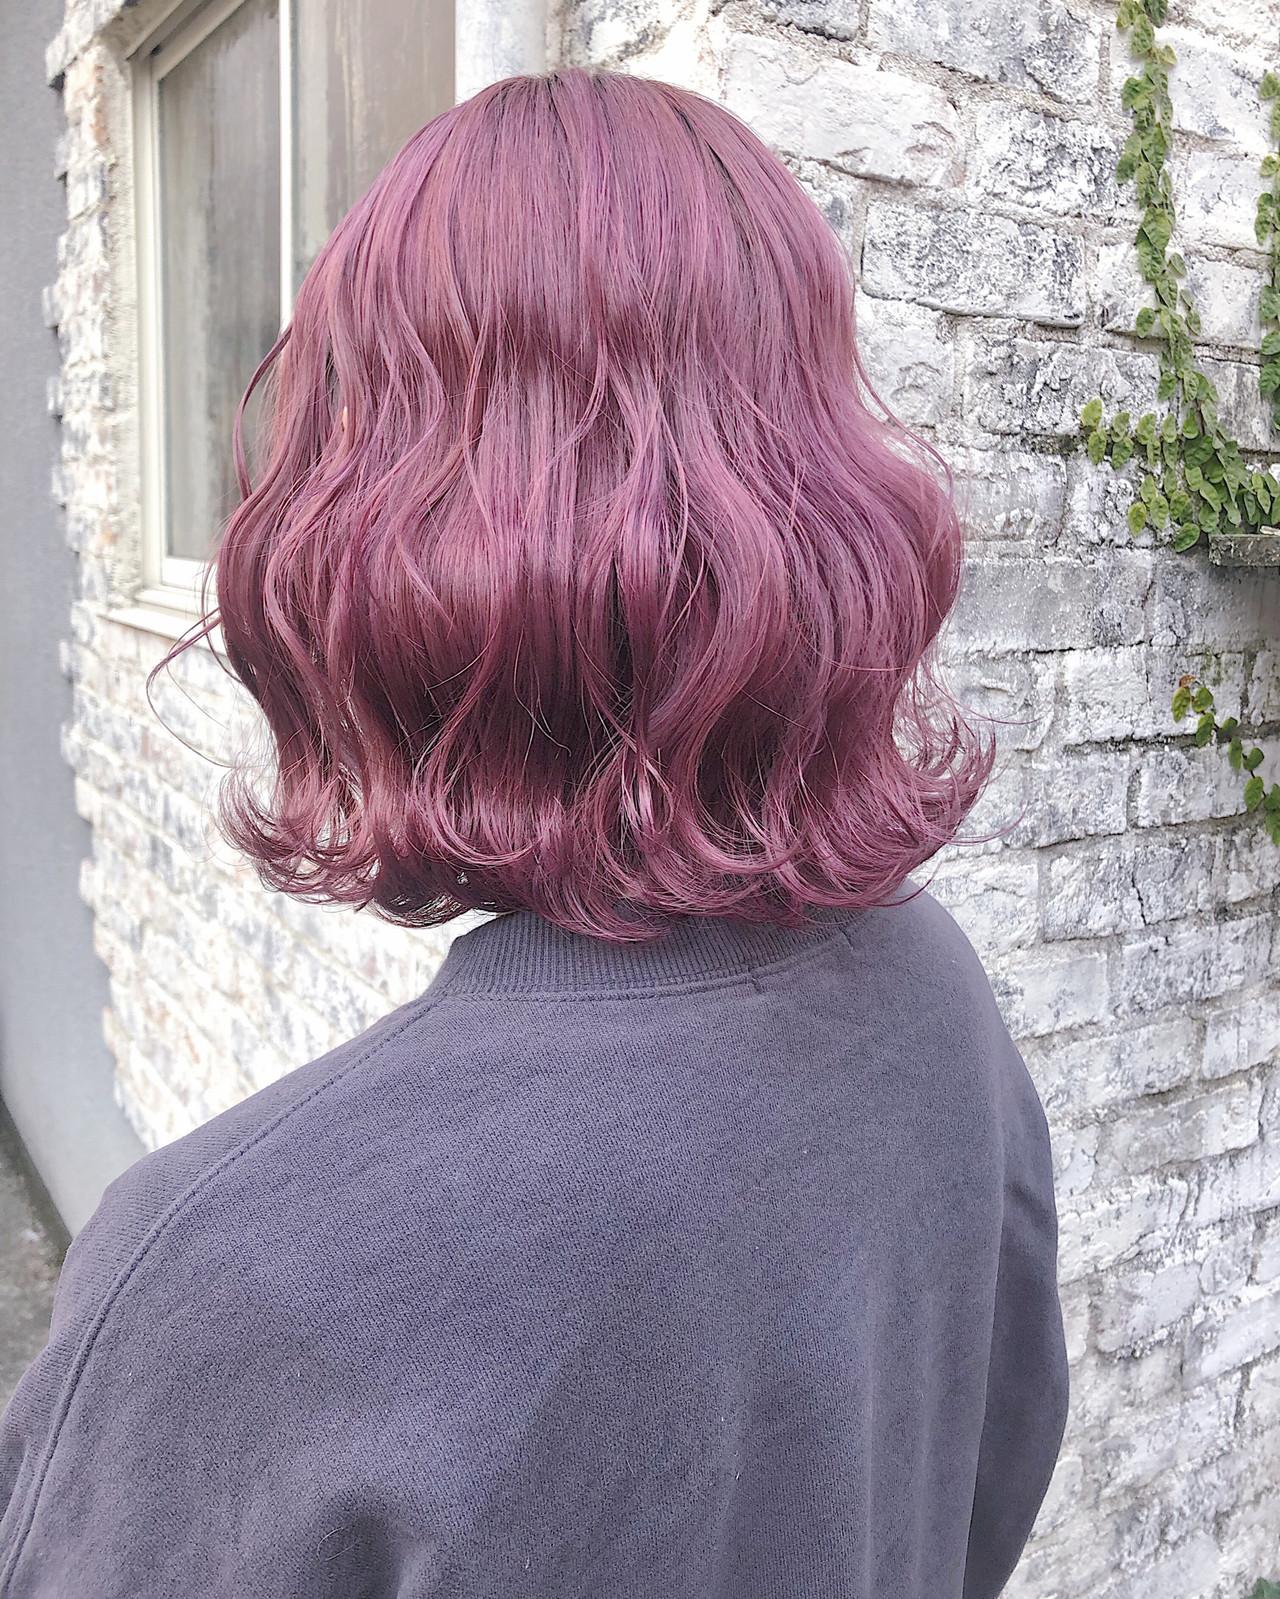 ラベンダーカラー 波ウェーブ ボブ ピンクカラー ヘアスタイルや髪型の写真・画像